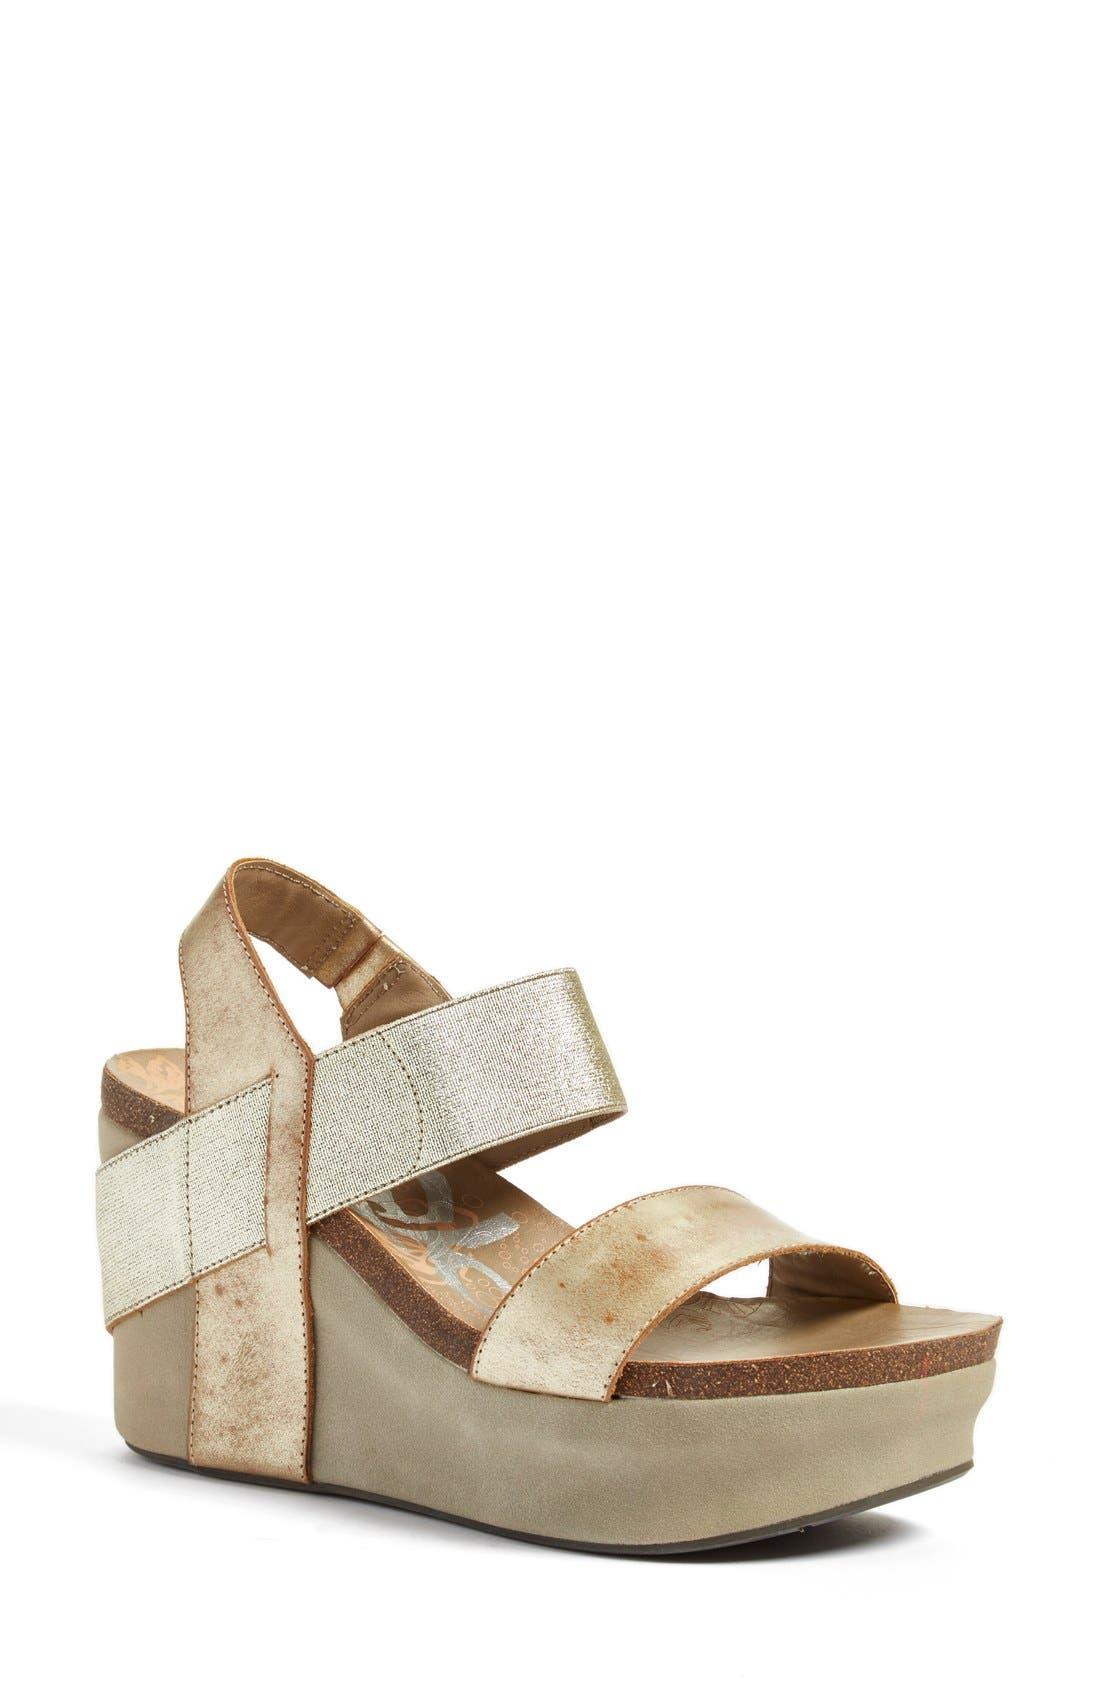 'Bushnell' Wedge Sandal, Main, color, Gold